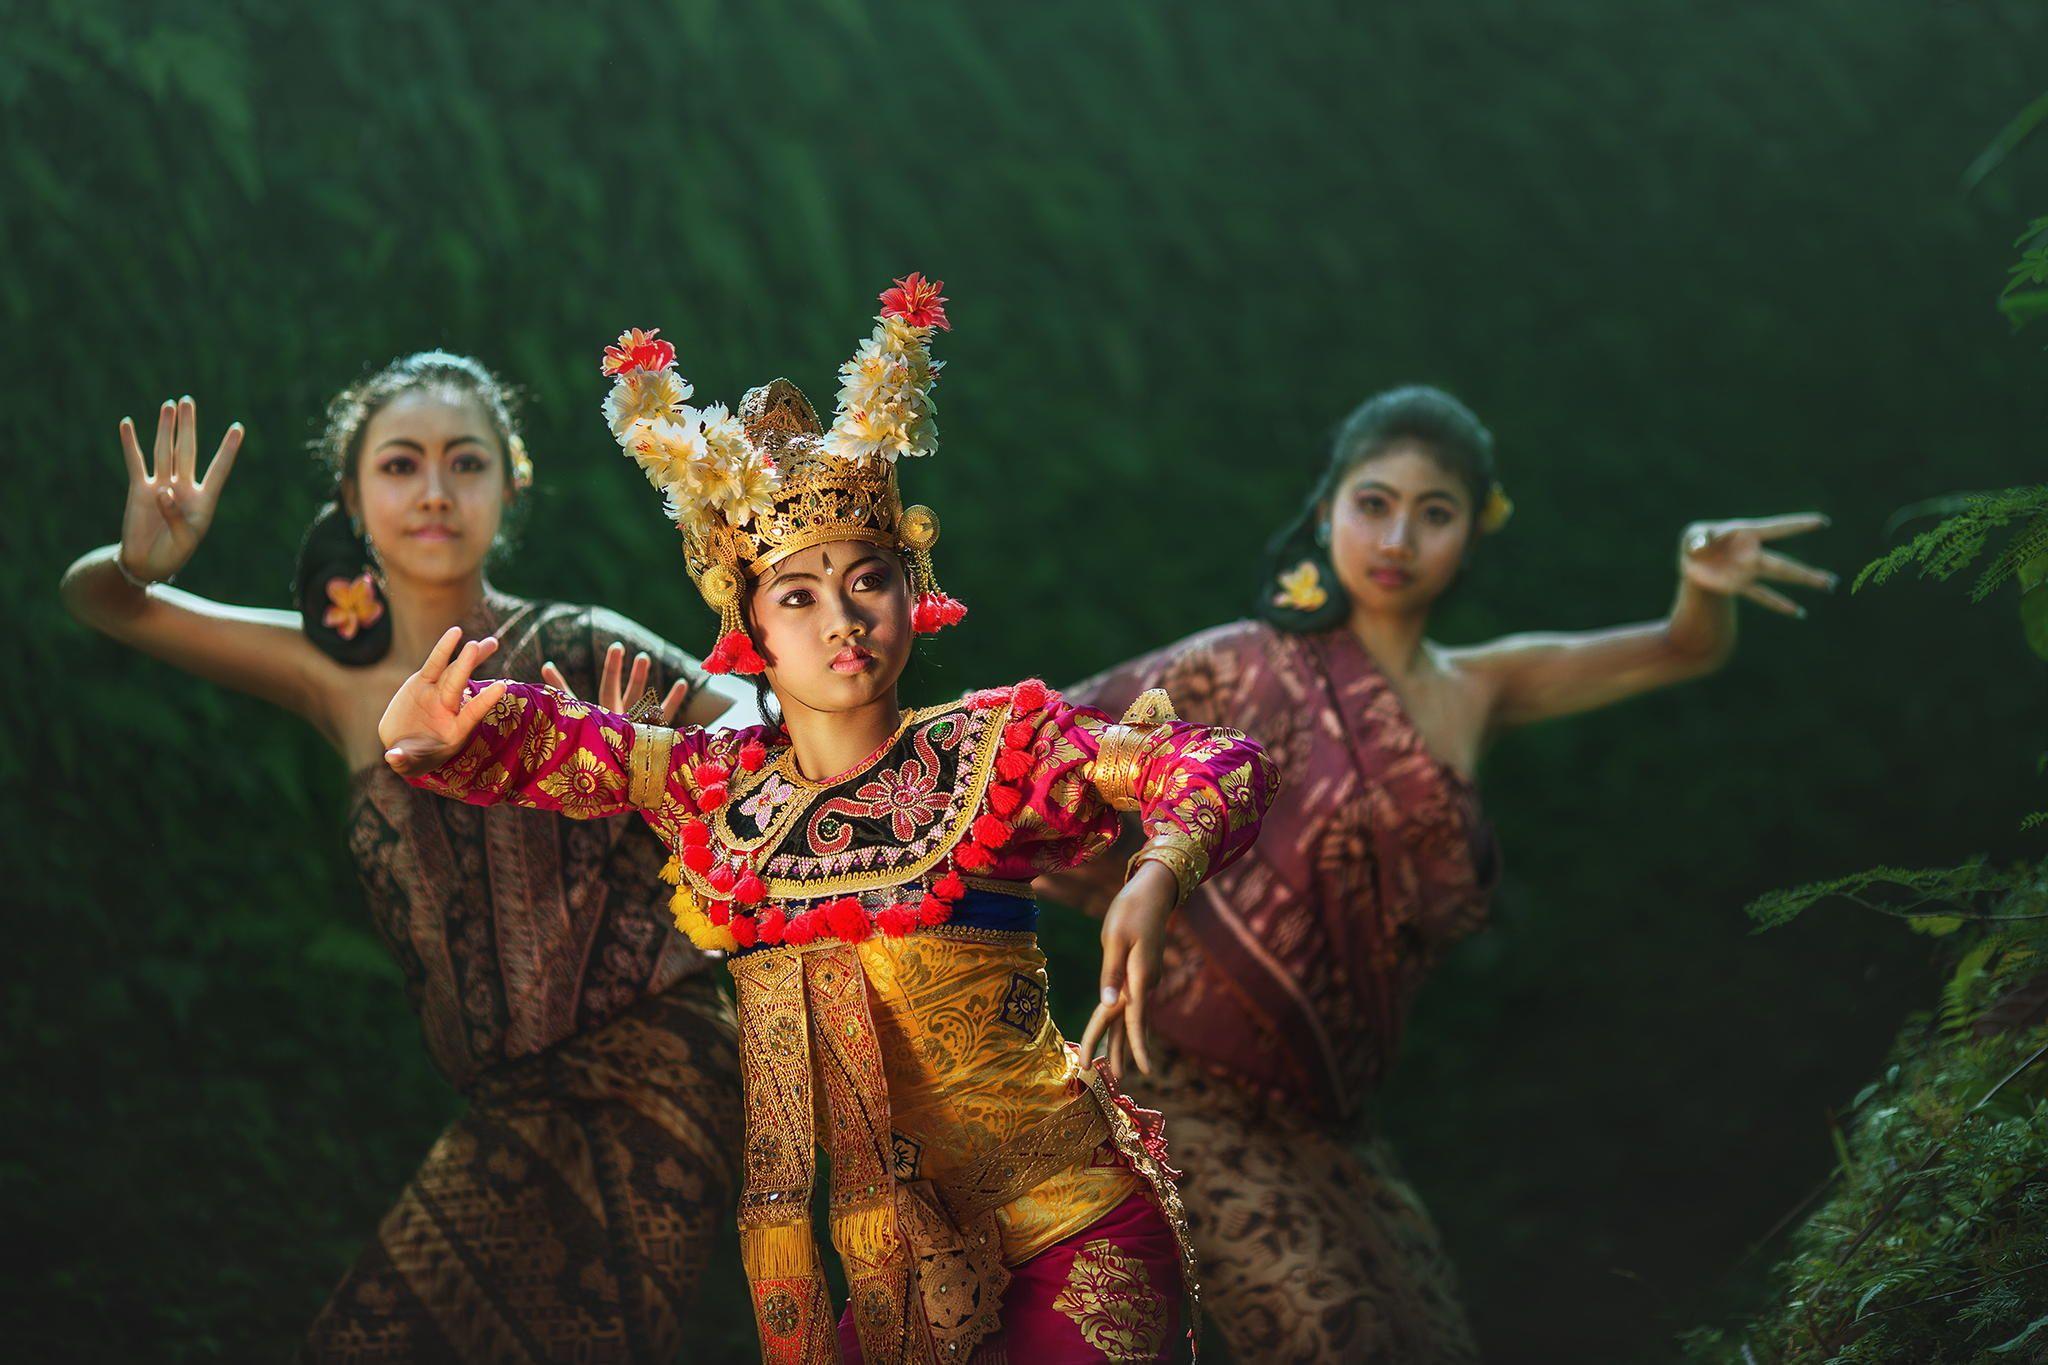 BALI DANCER by abe less / 500px